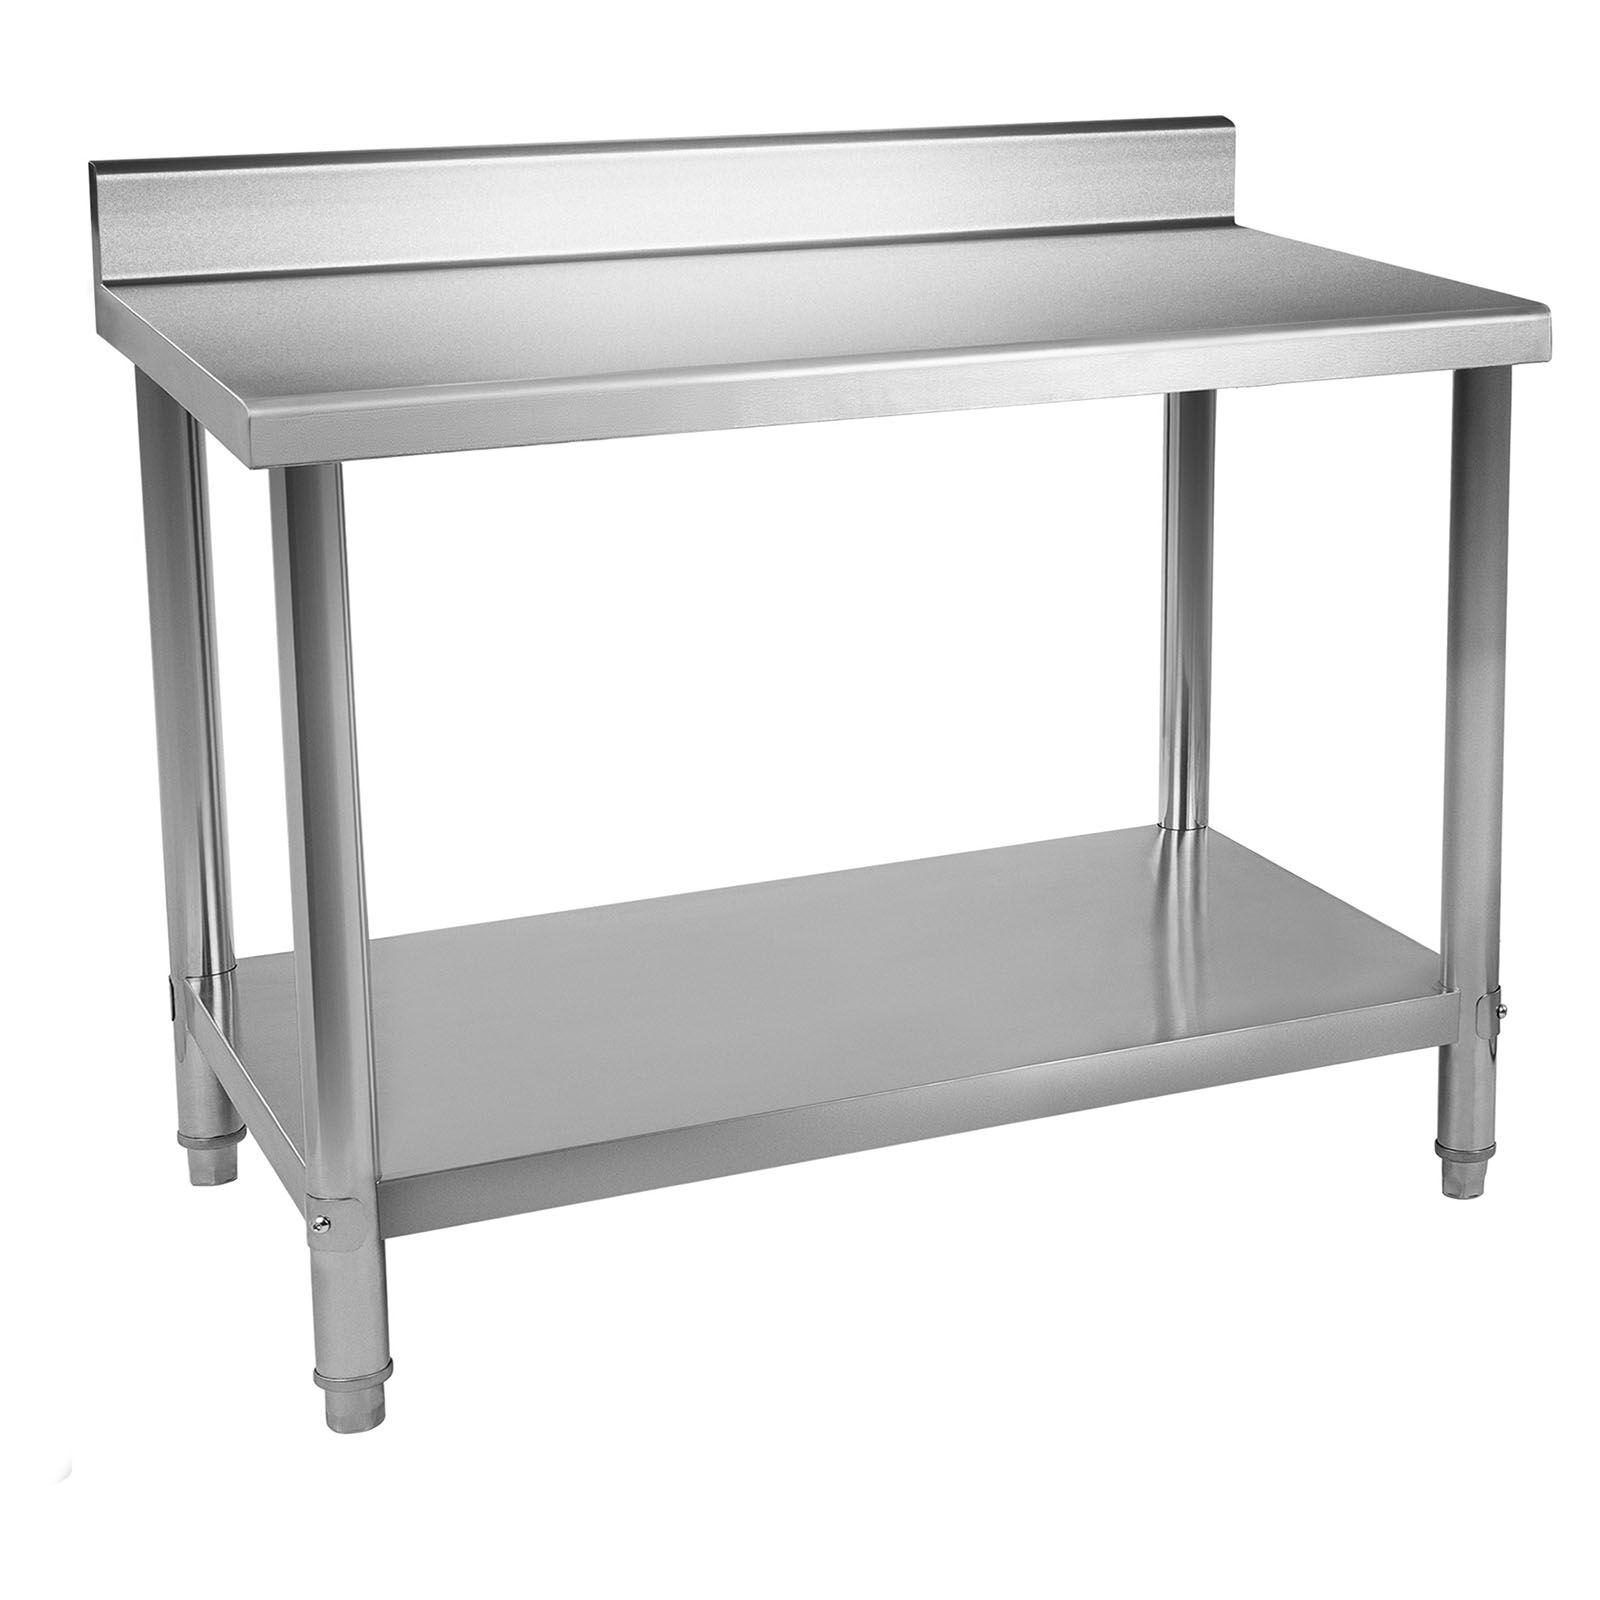 Royal Catering Table de travail en inox avec dosseret - 120 x 70 cm - Capacité de 143 kg